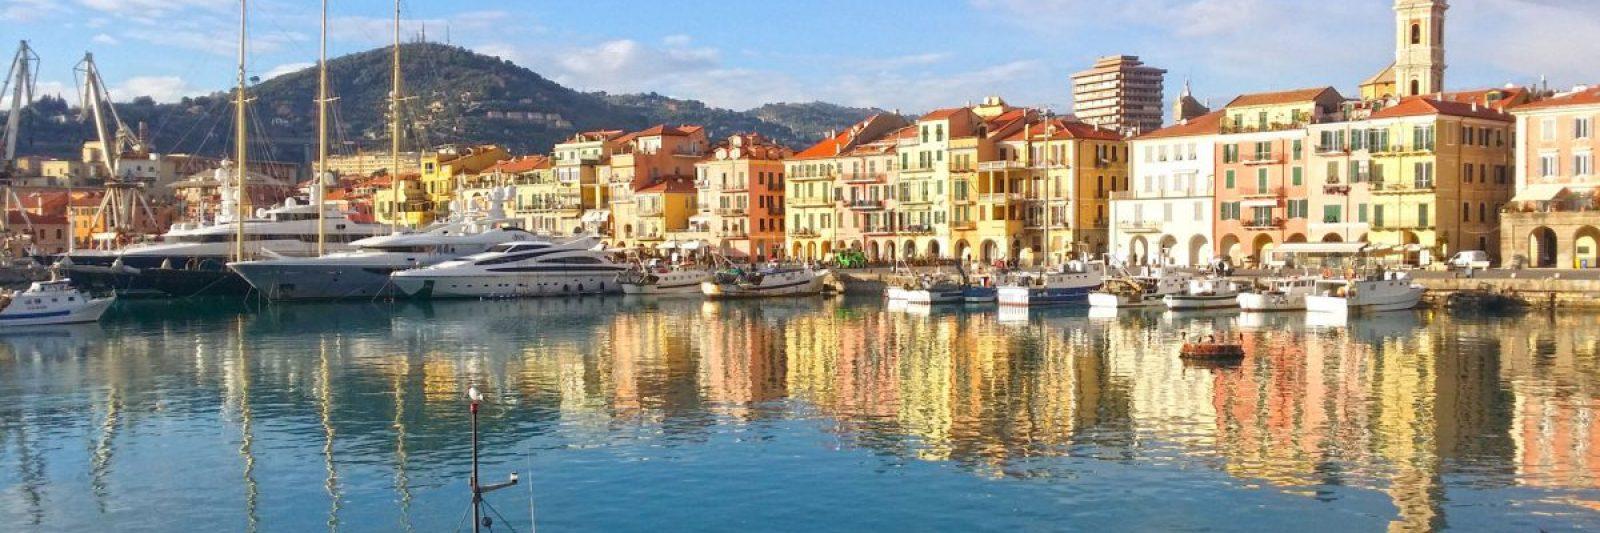 Der alte Hafen von Oneglia mit Yachten und Fischerbooten.